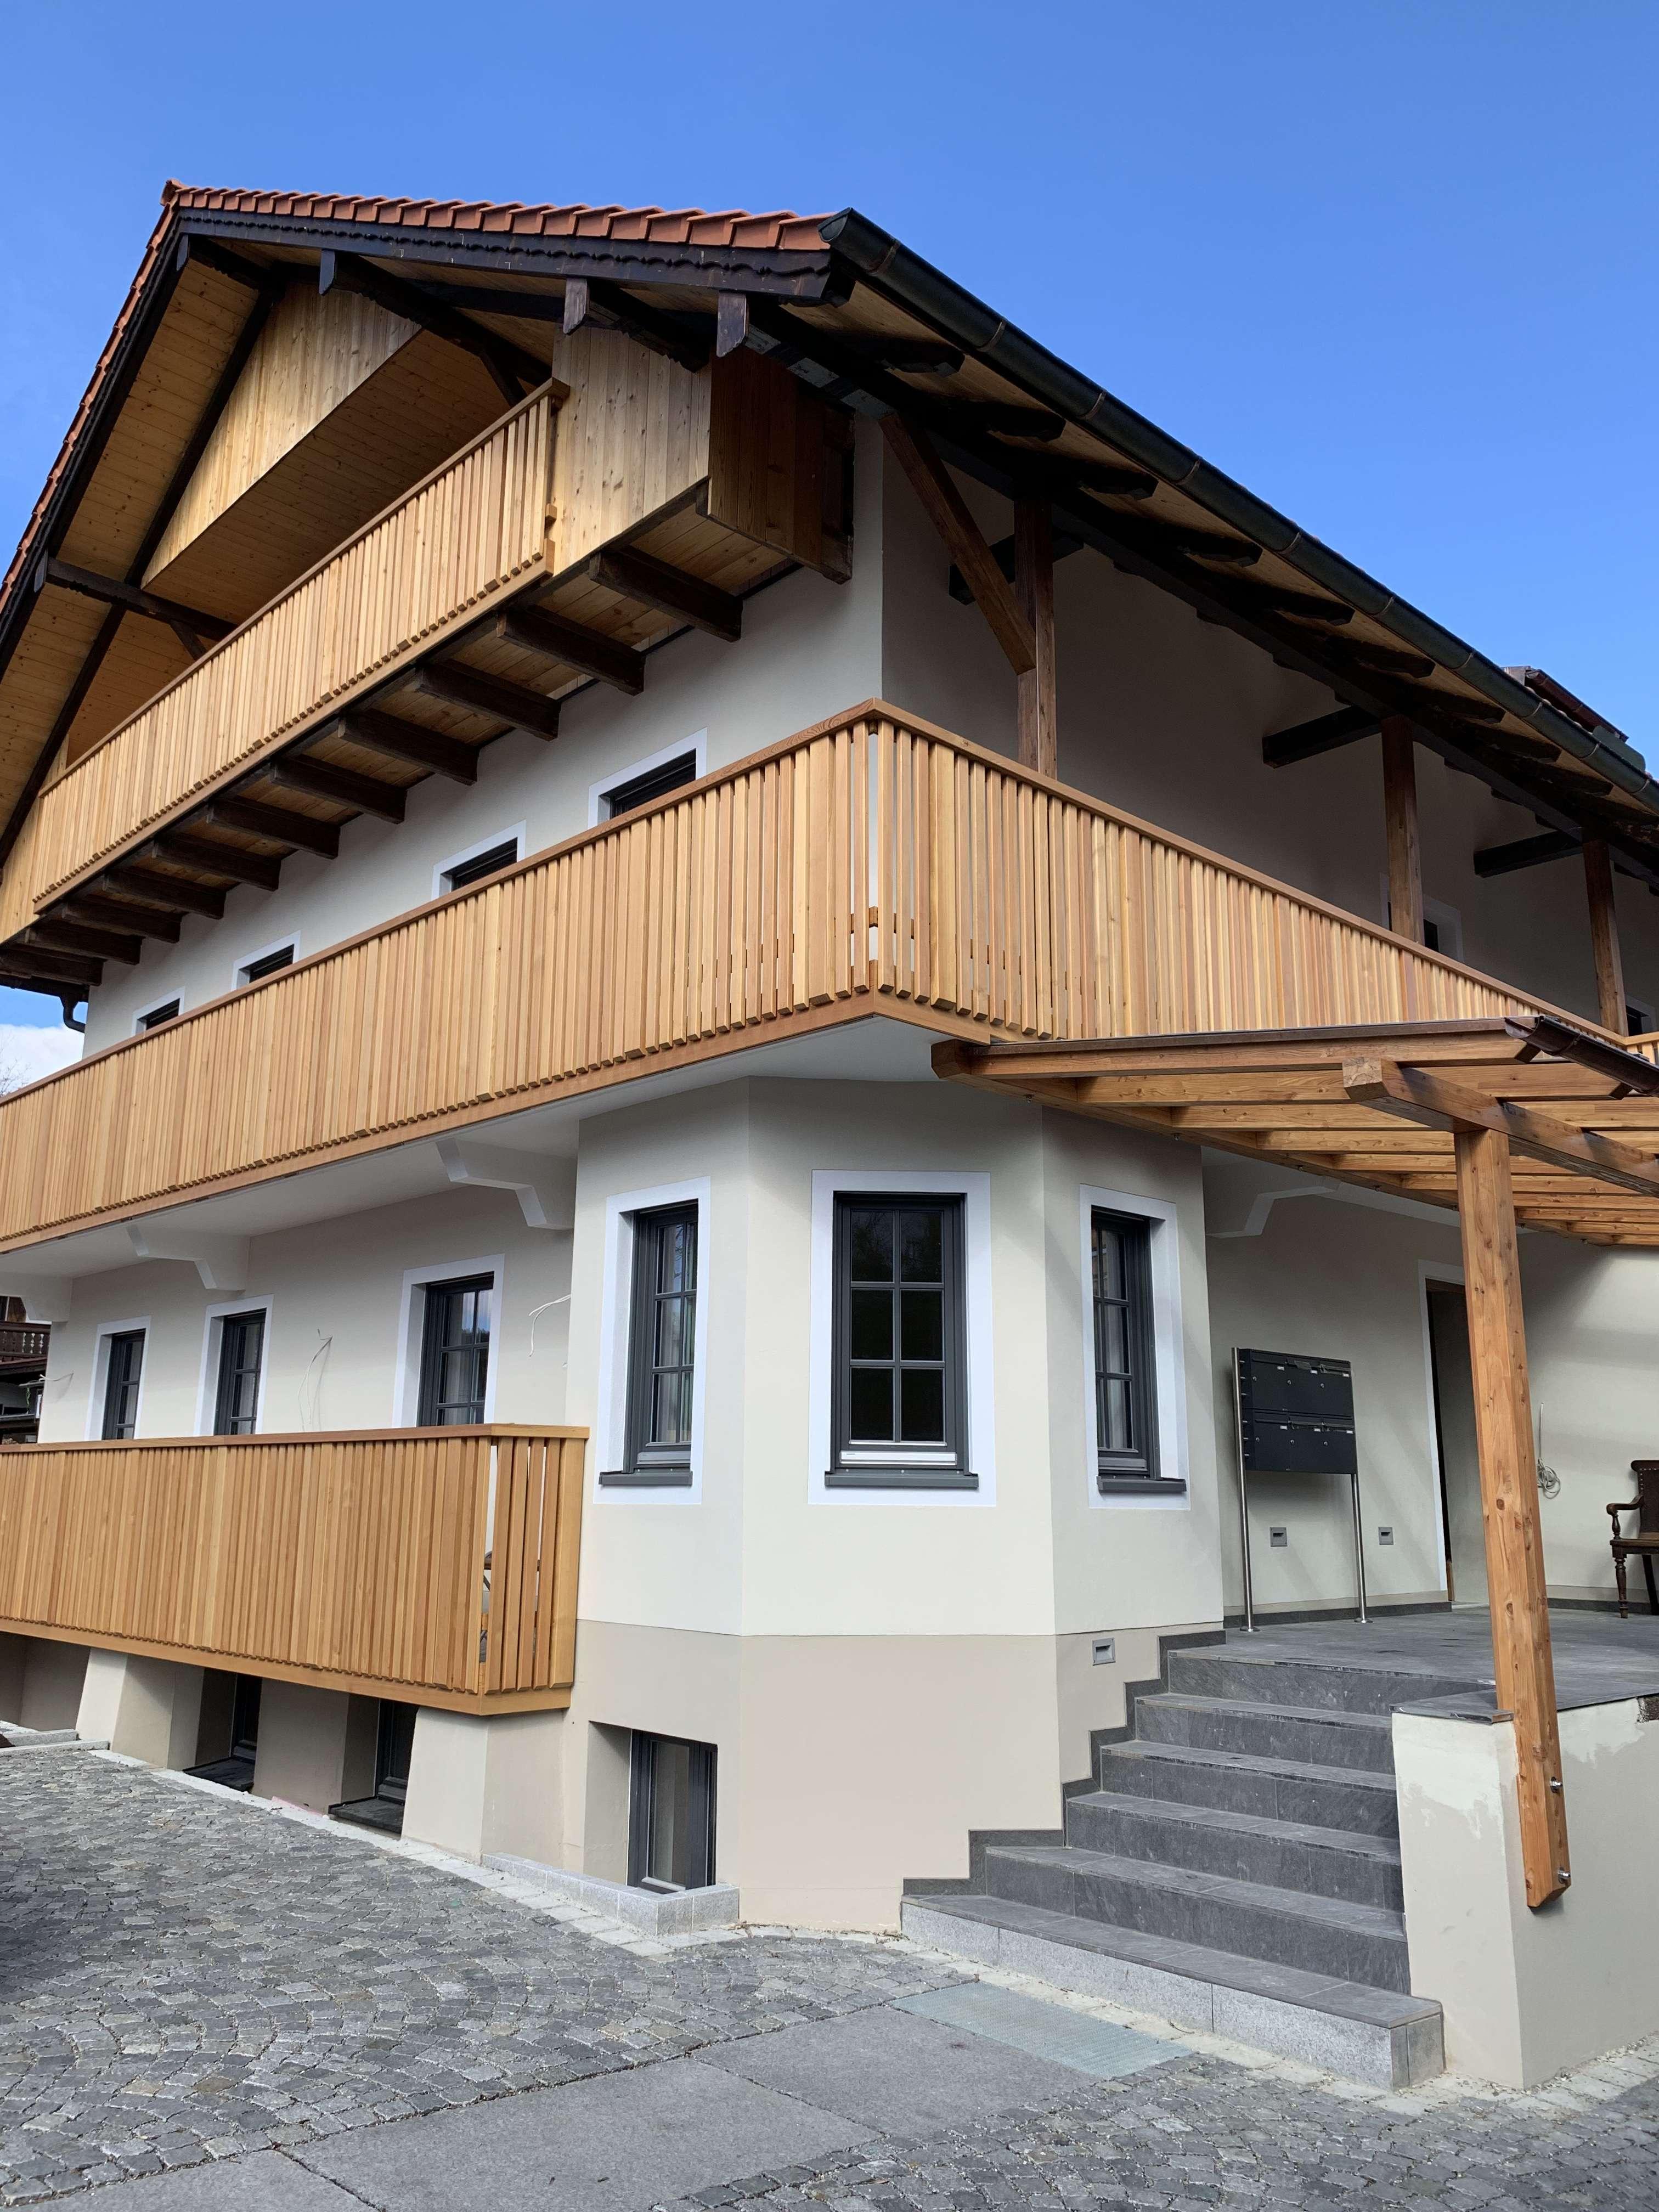 Erstbezug nach Kernsanierung! Sonnige 4-Zimmer Wohnung in kleiner ruhiger Wohnanlage Bad Tölz